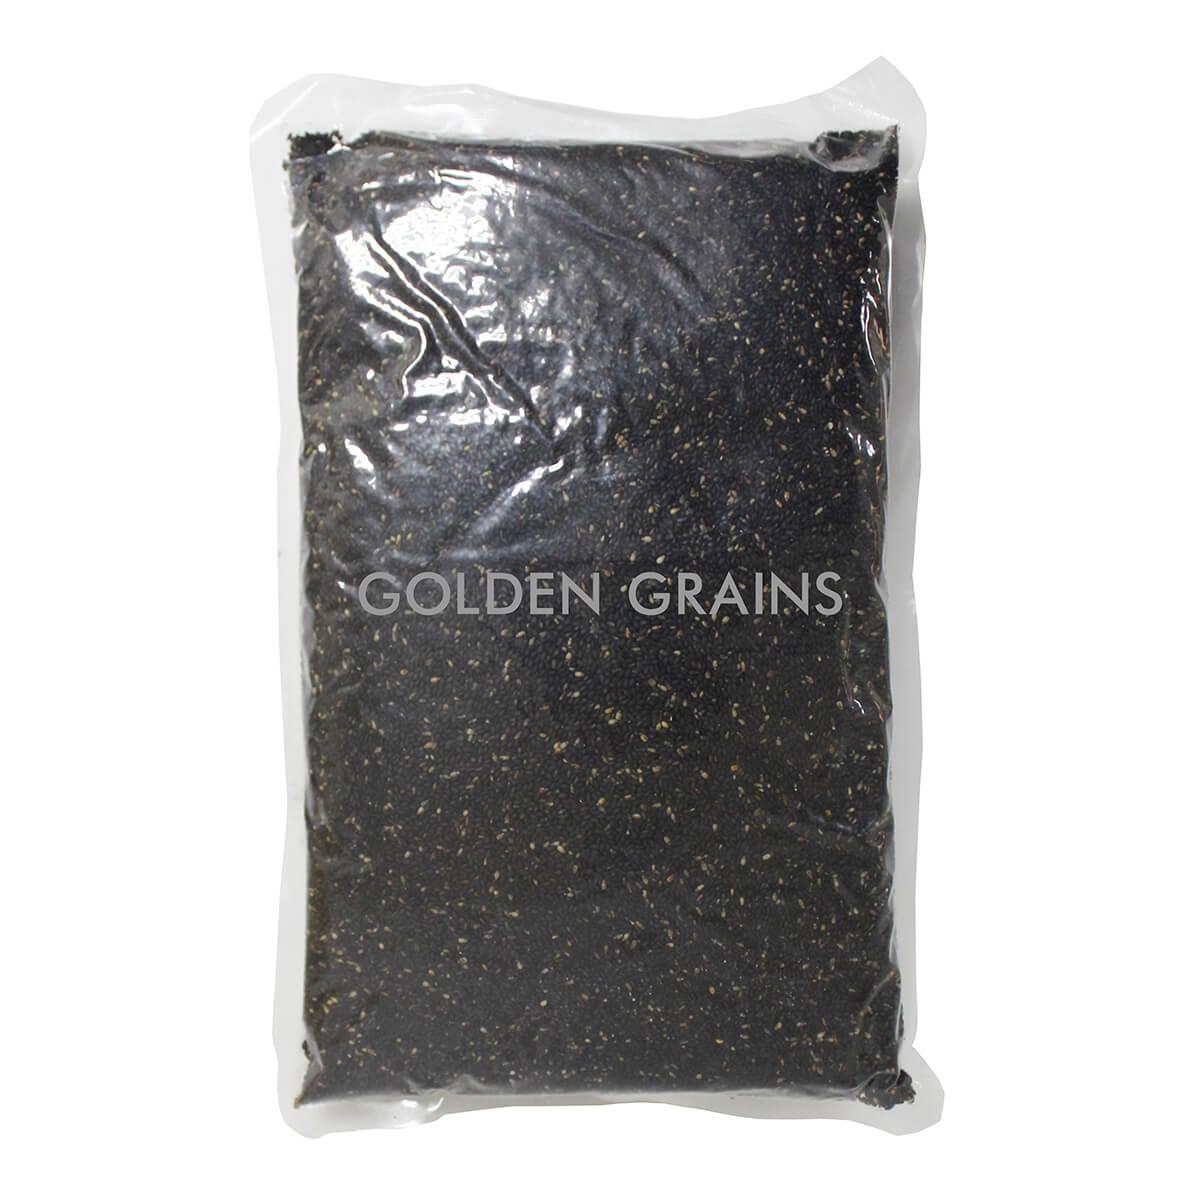 Golden Grains Dubai Export - Roasted Sesame Black - Back (1).jpg